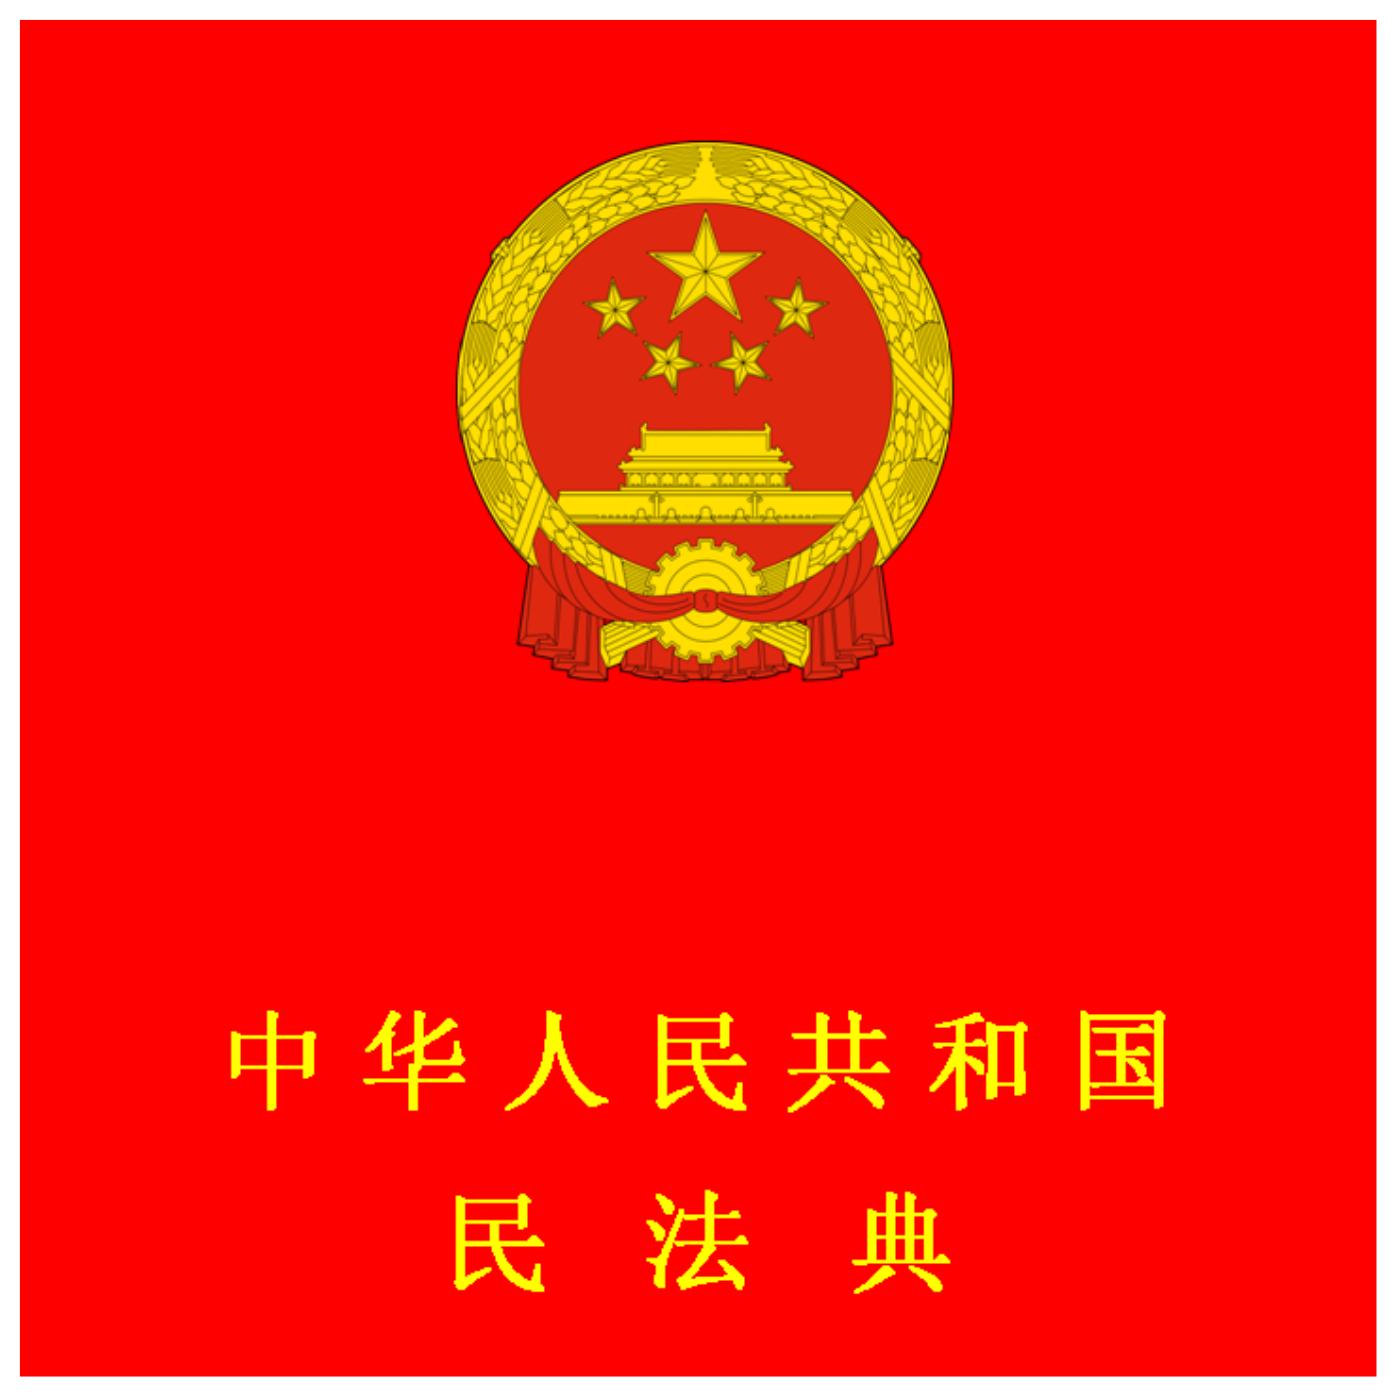 《中华人民共和国民法典》全文朗读